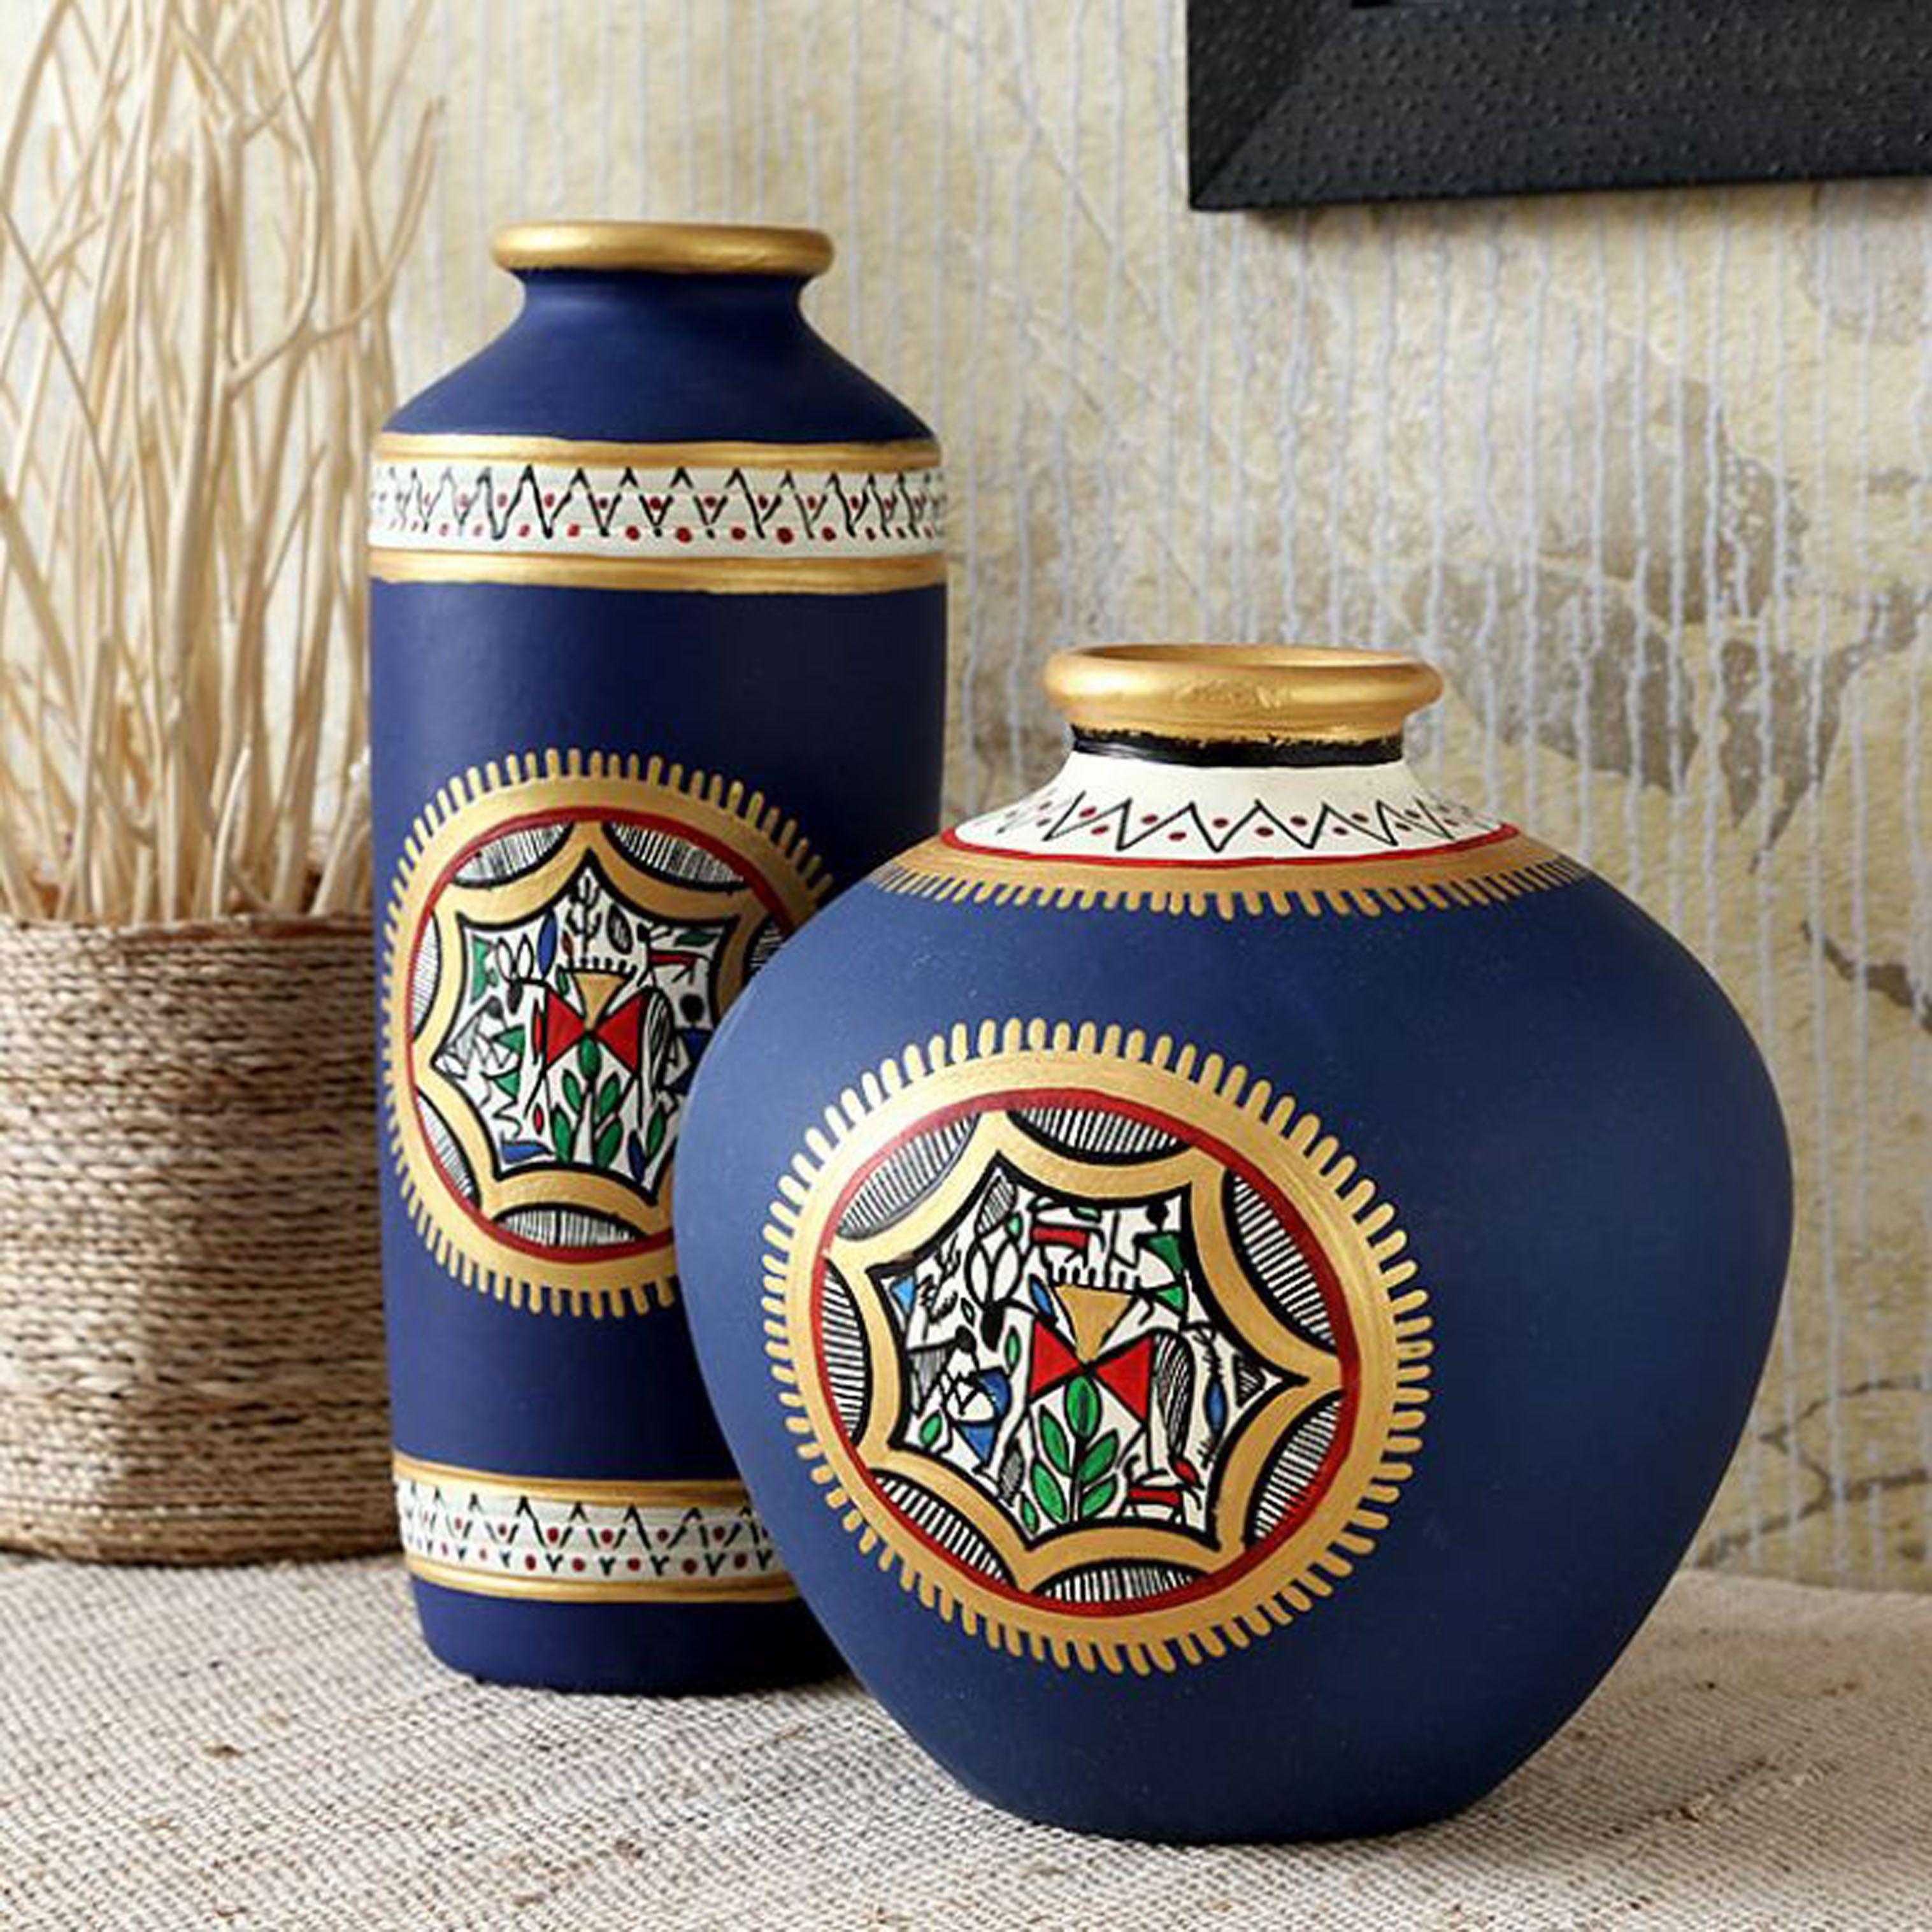 Madhubani style pot painting pot decoration pinterest madhubani style pot painting pot decoration pinterest paintings craft and decoration reviewsmspy